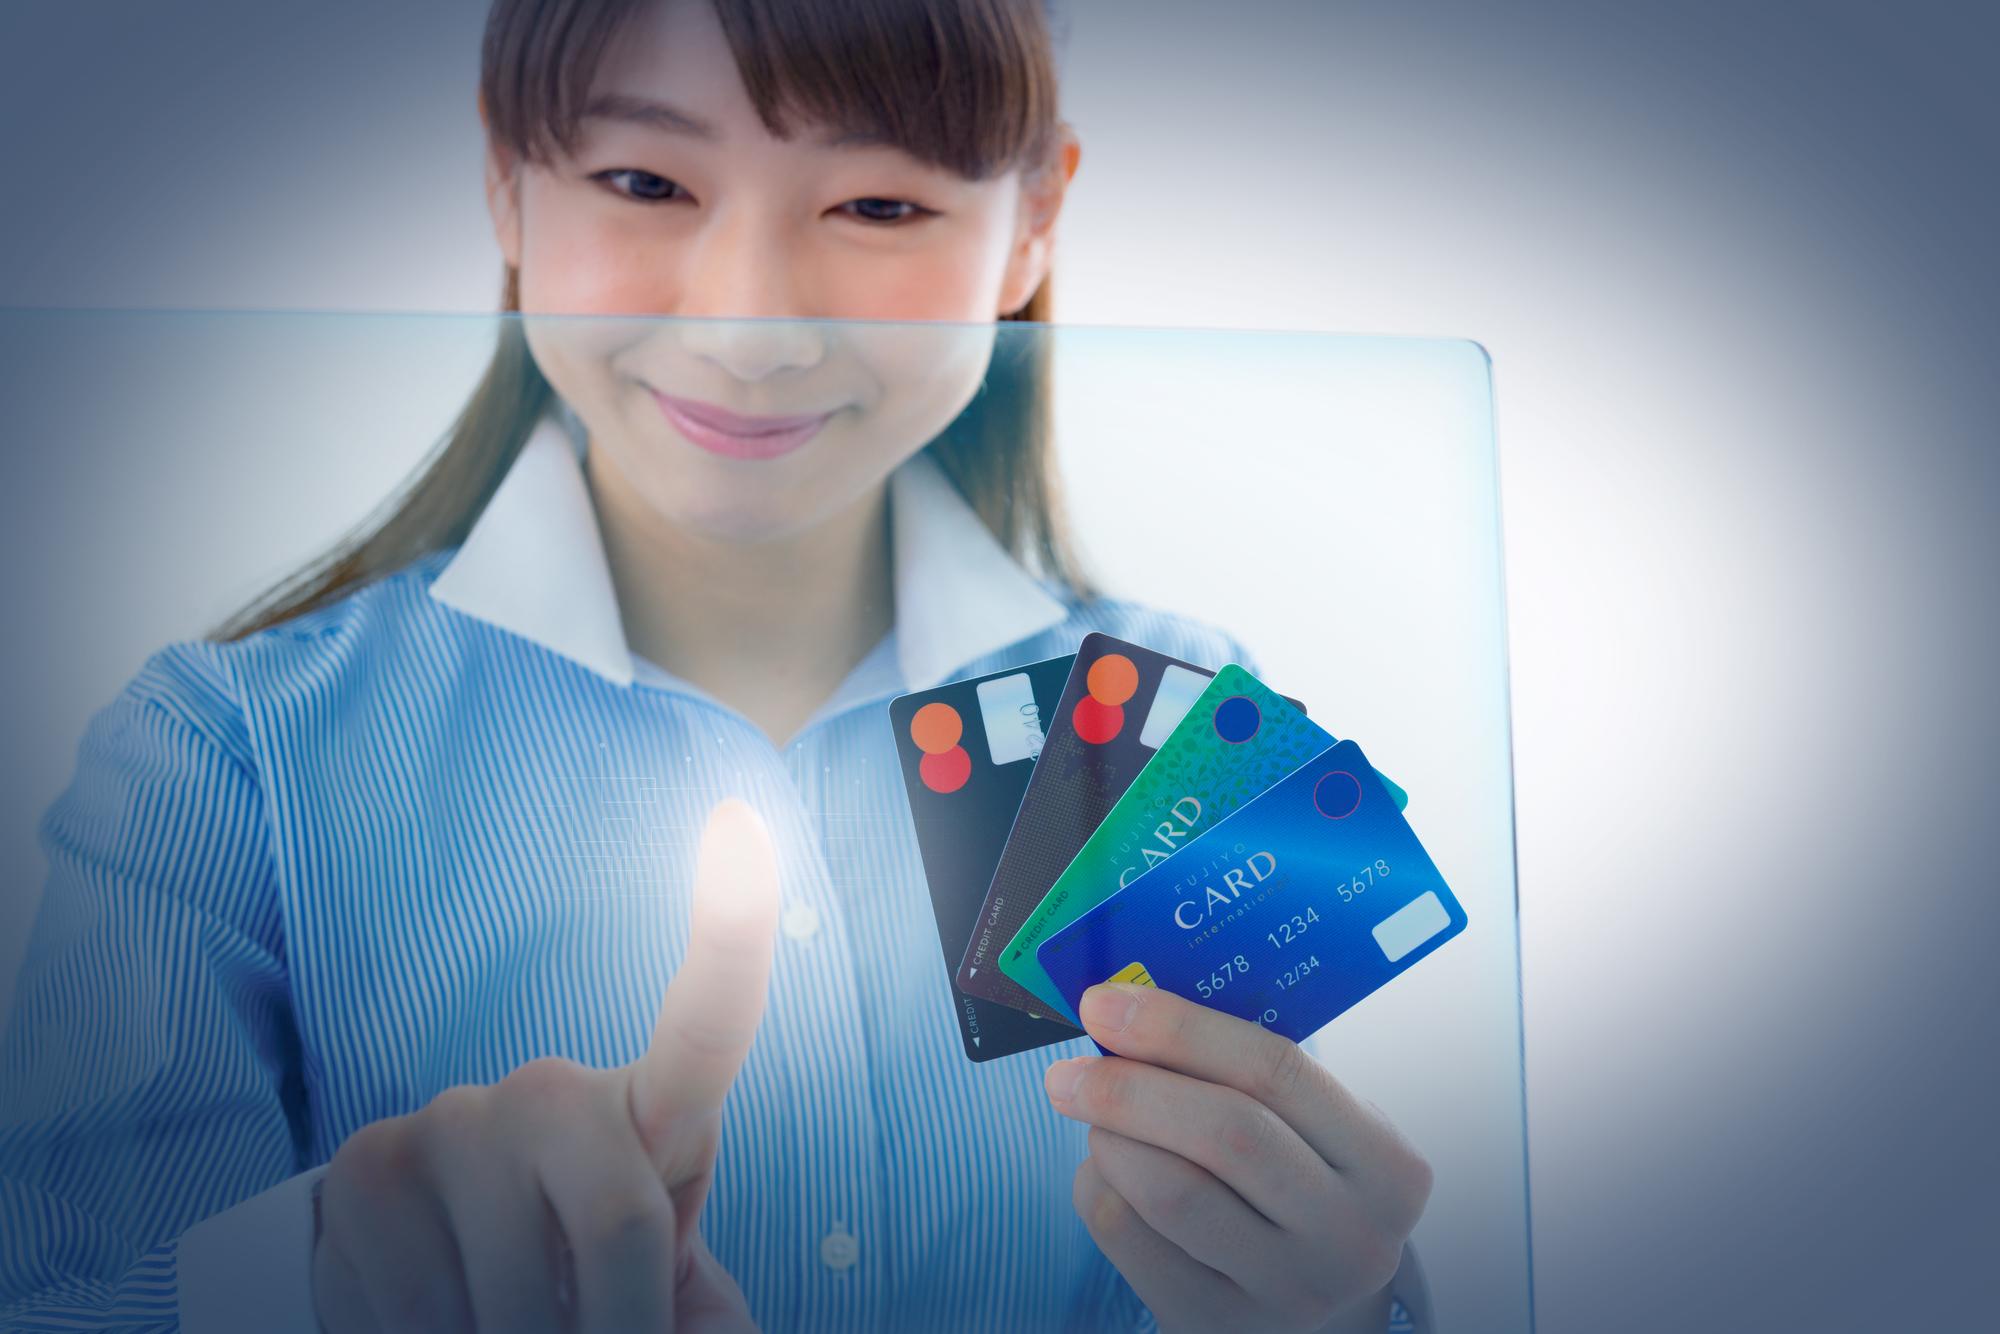 クレジットカードでピッ!